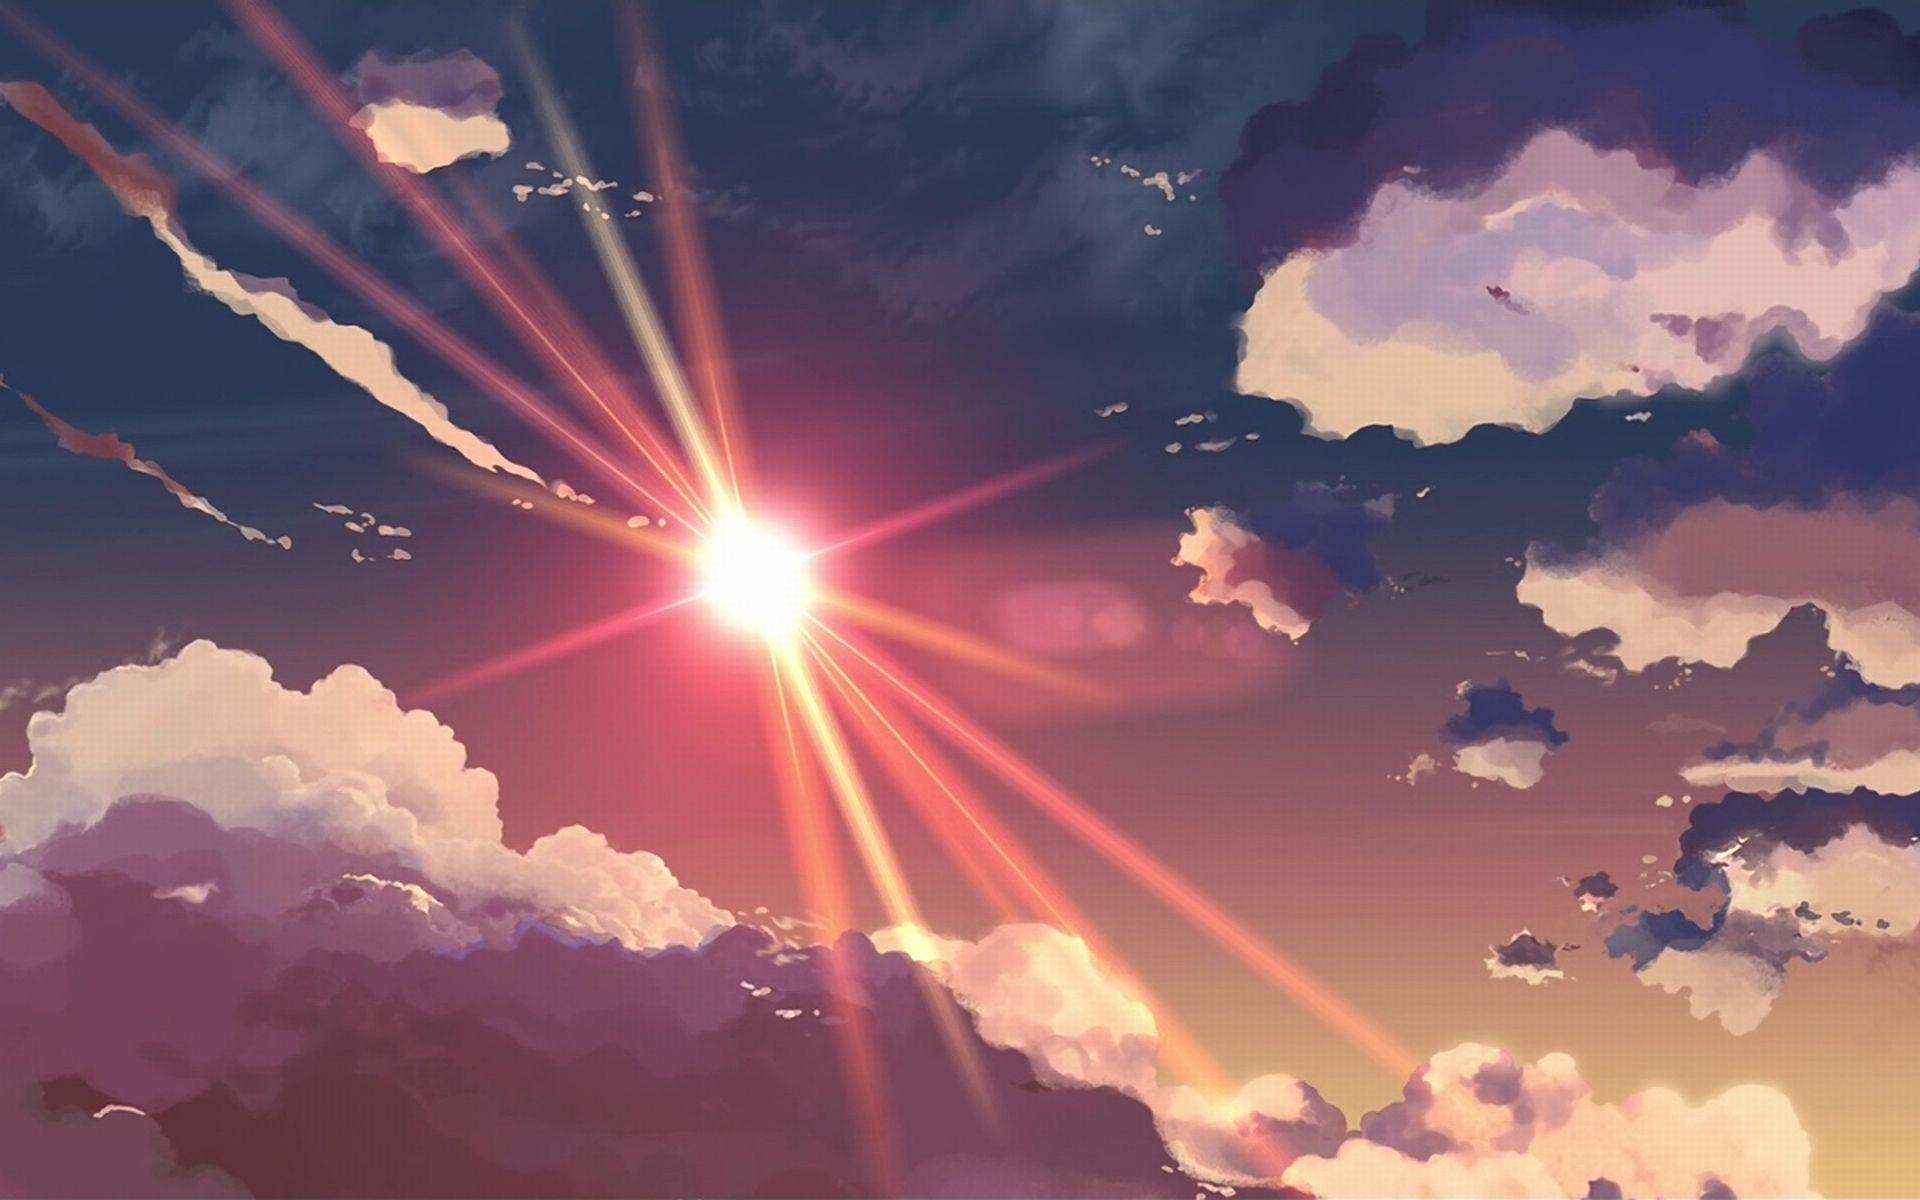 Anime Sunshine wallpaper Anime scenery wallpaper, Anime